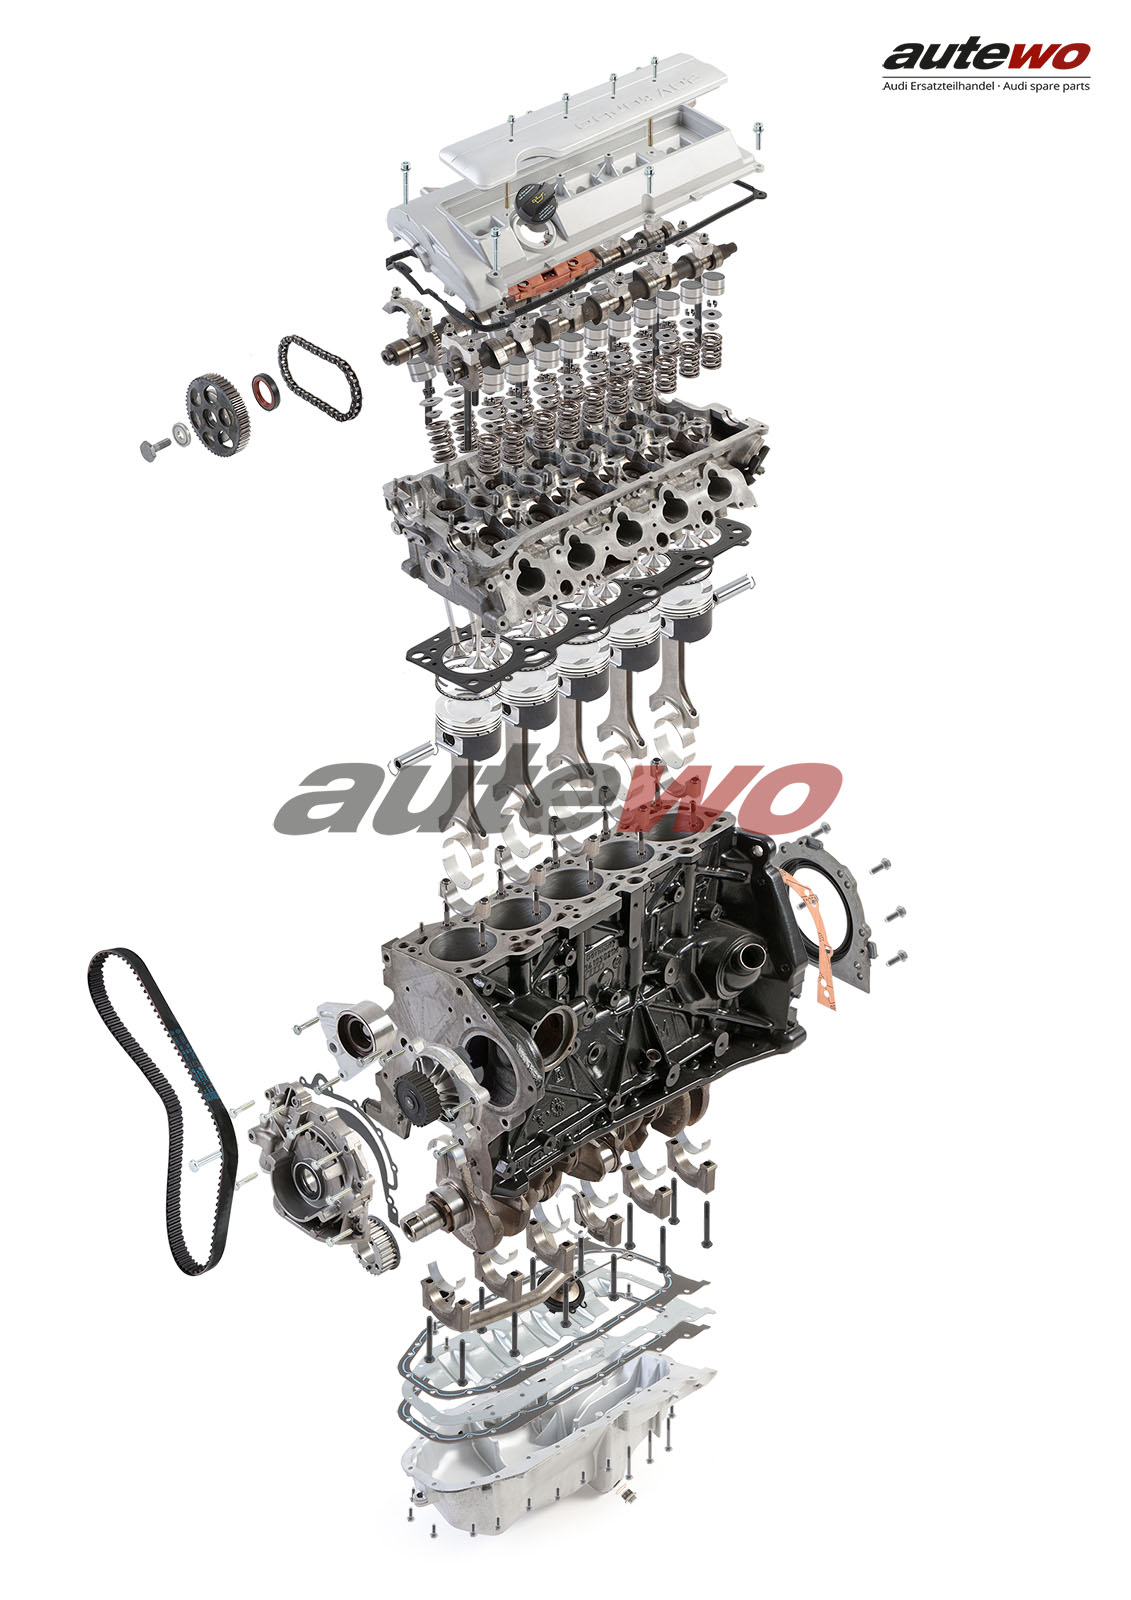 autewo-Poster DIN A2 Schnittzeichnung Audi 5 Zylinder 20V Turbo Motor ADU 2.2l 3